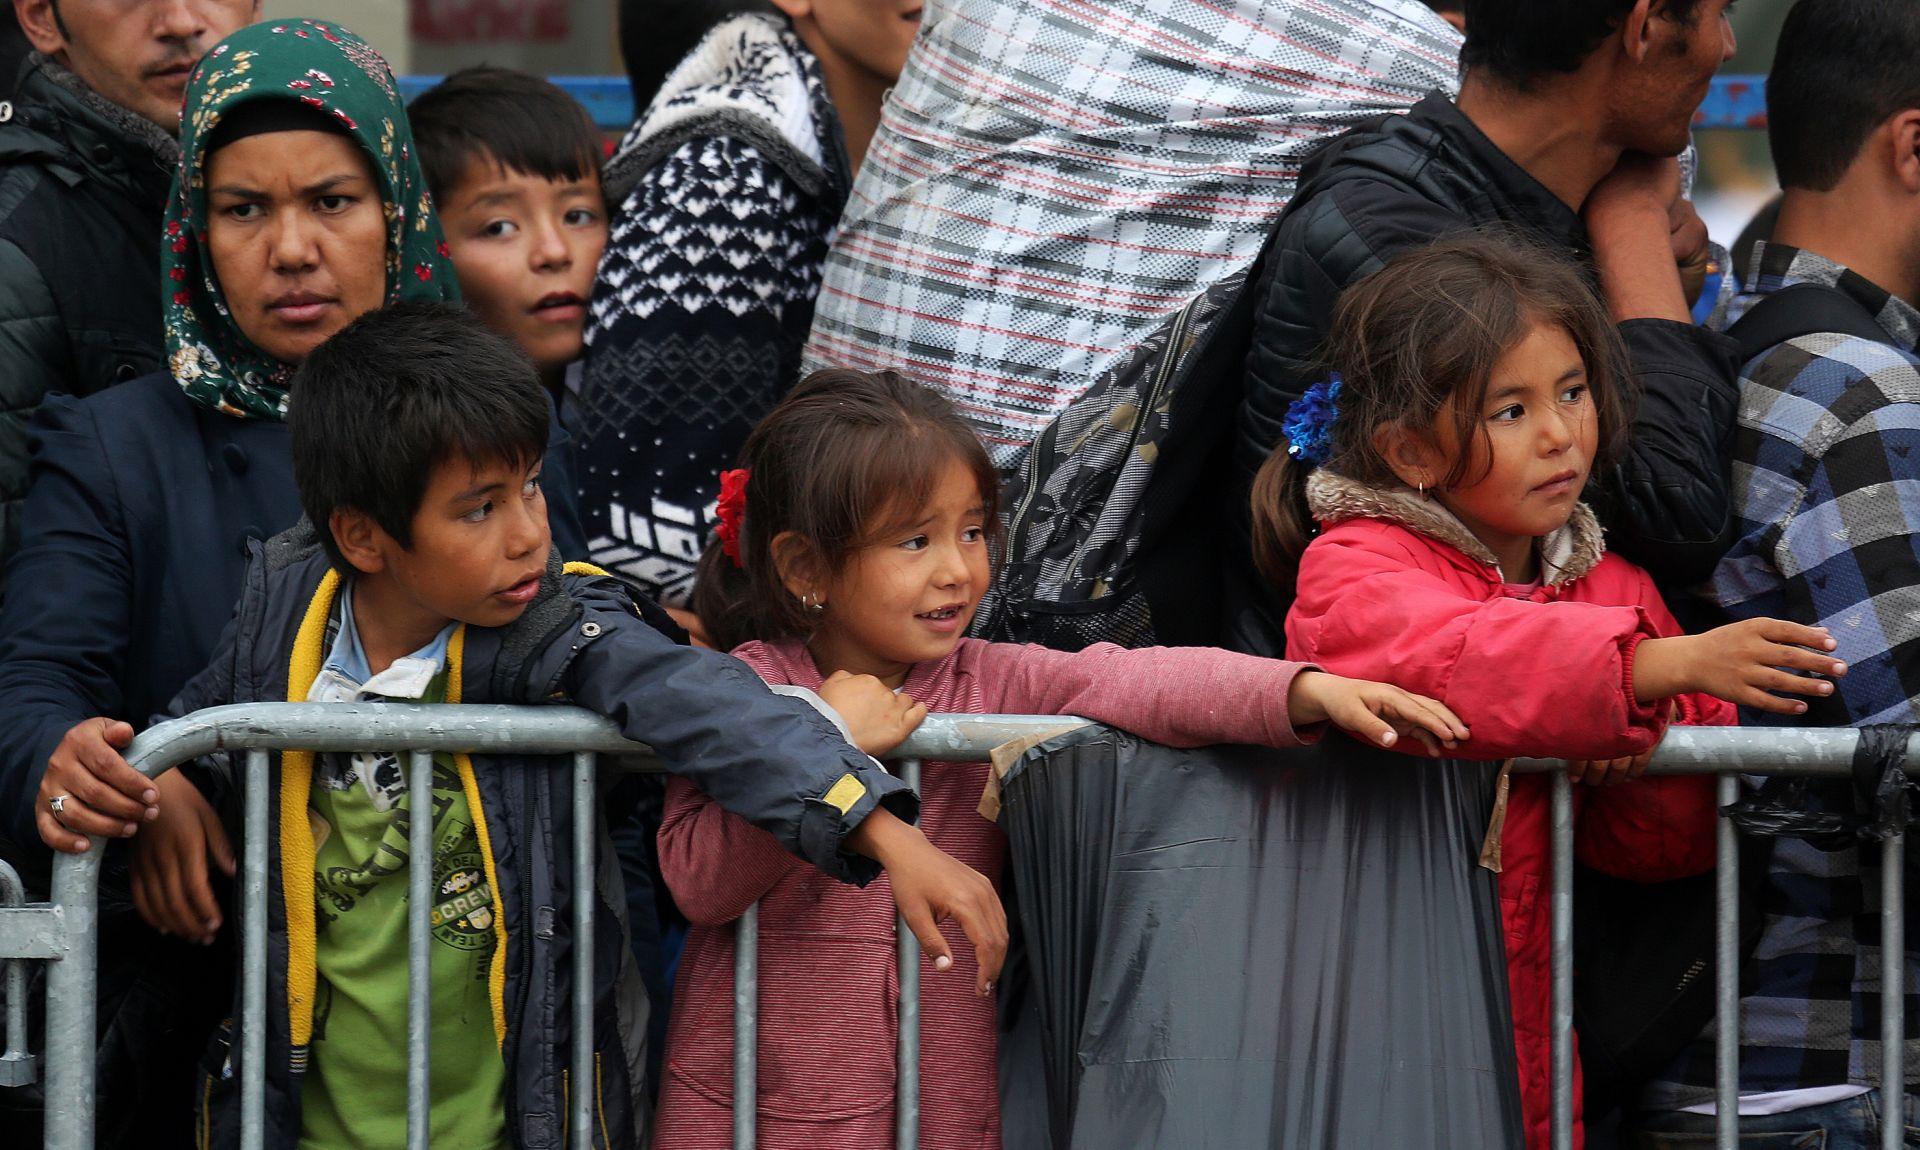 ULAZE PREKO BAPSKE I TOVARNIKA U Opatovac stalno pristižu nove izbjeglice